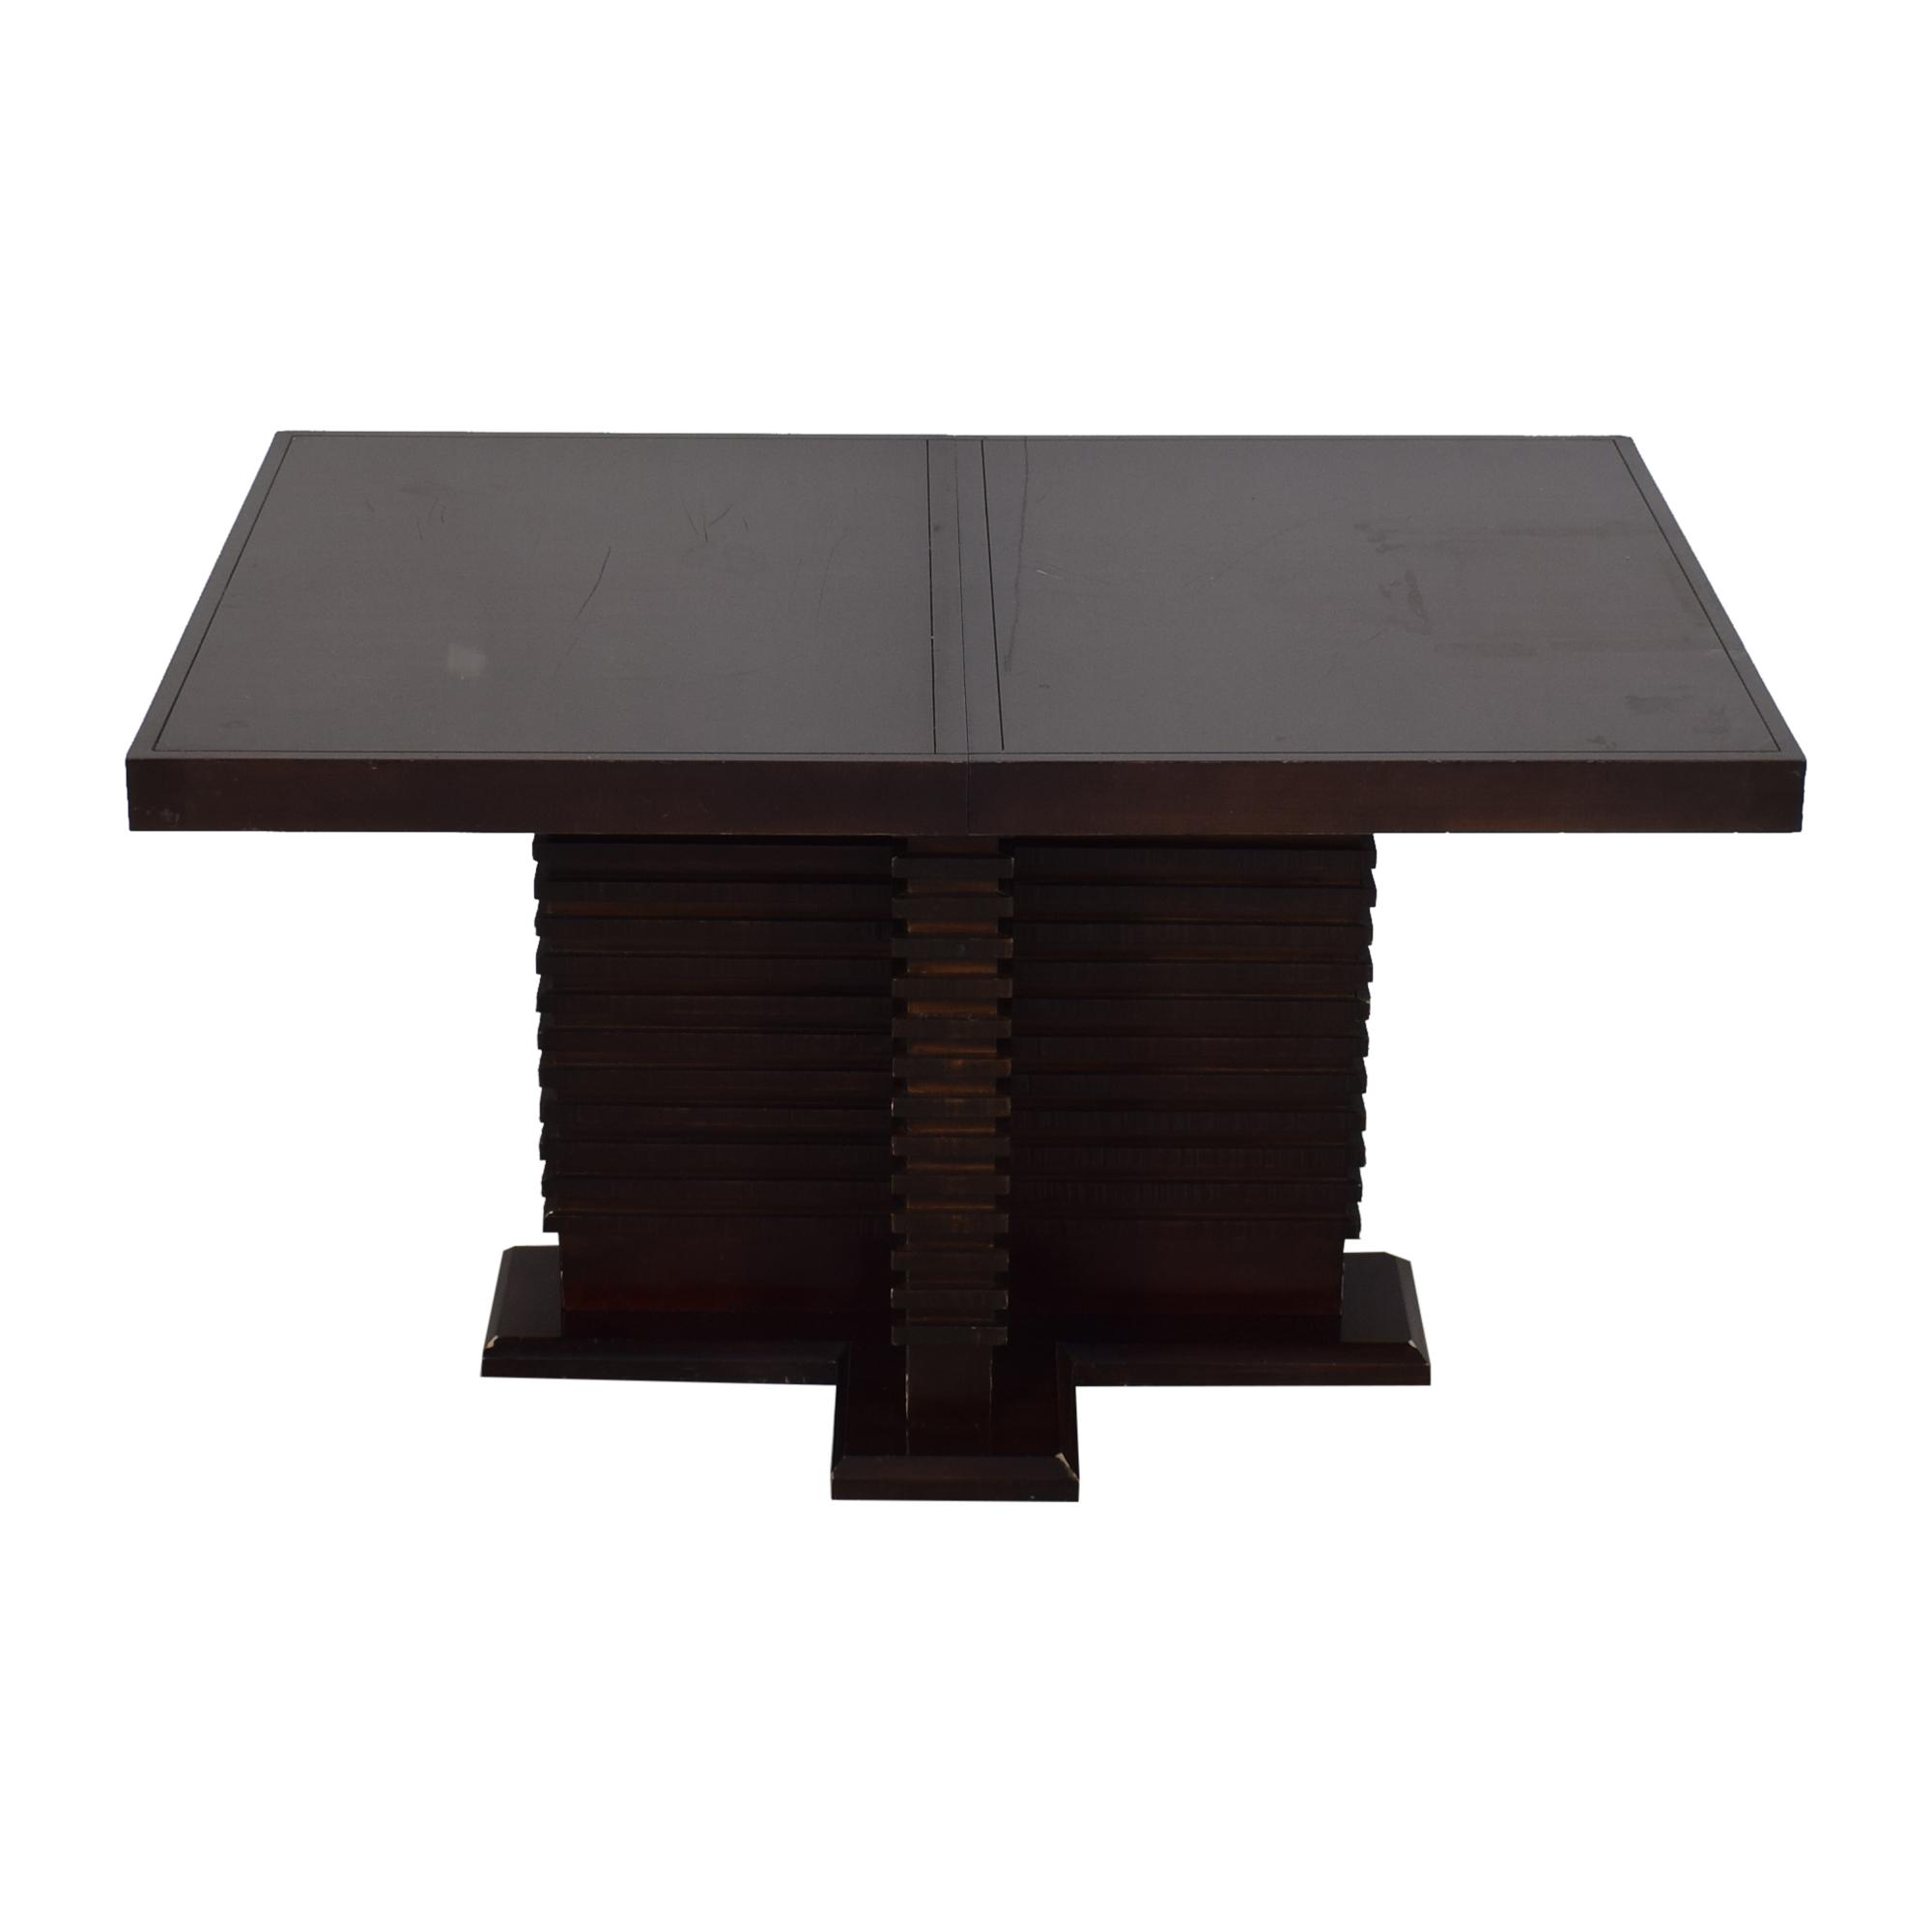 Legacy Classic Furniture Legacy Classic Furniture Rectangular Pedestal Table price